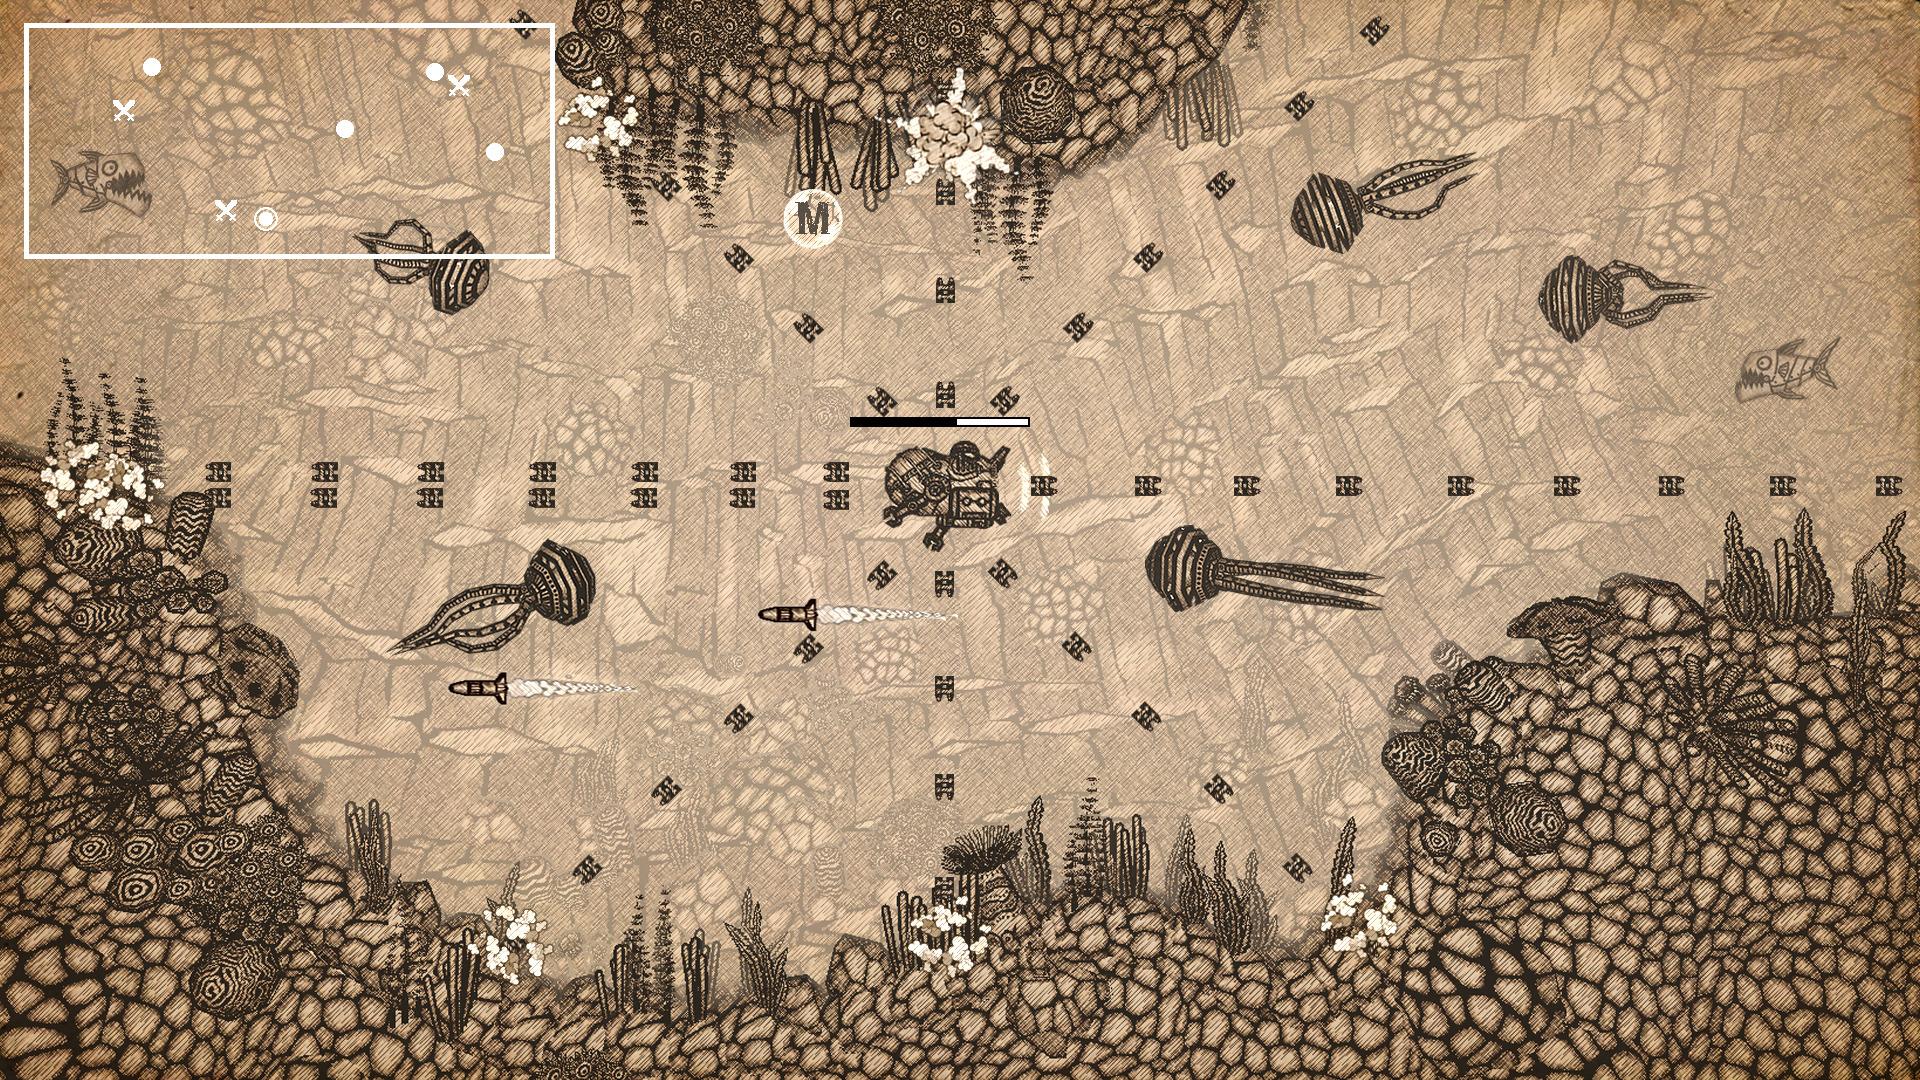 亚特兰蒂斯之地图片